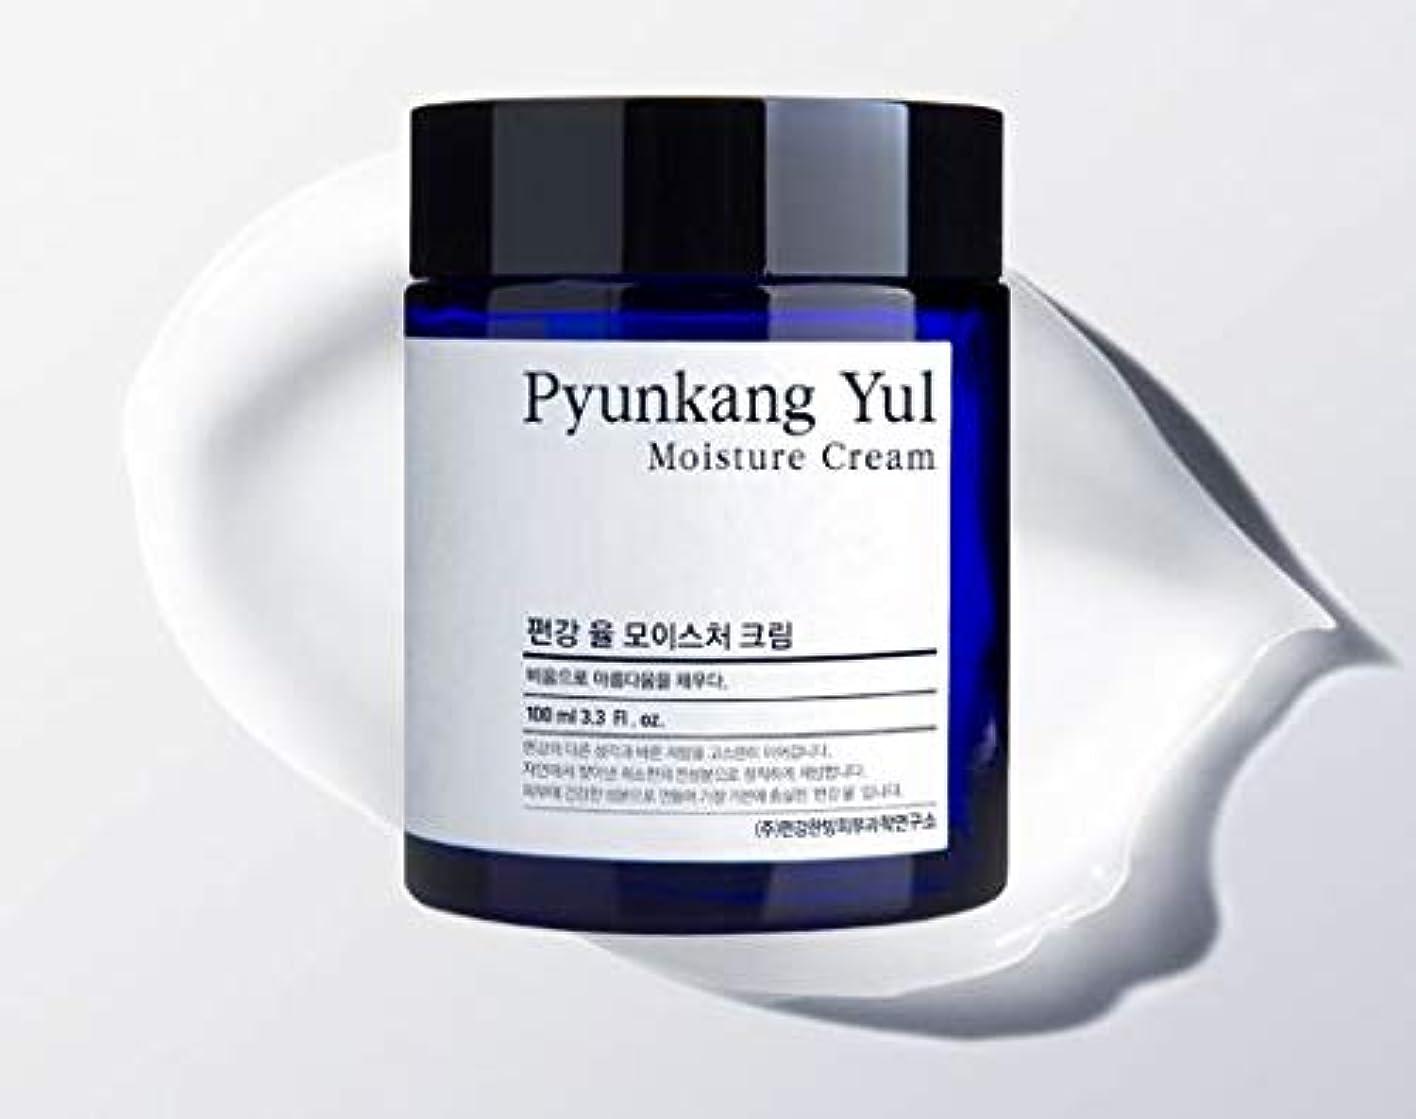 聴く廃止する仲介者[Pyunkang Yul] Moisture Cream 100ml /モイスチャークリーム 100ml [並行輸入品]